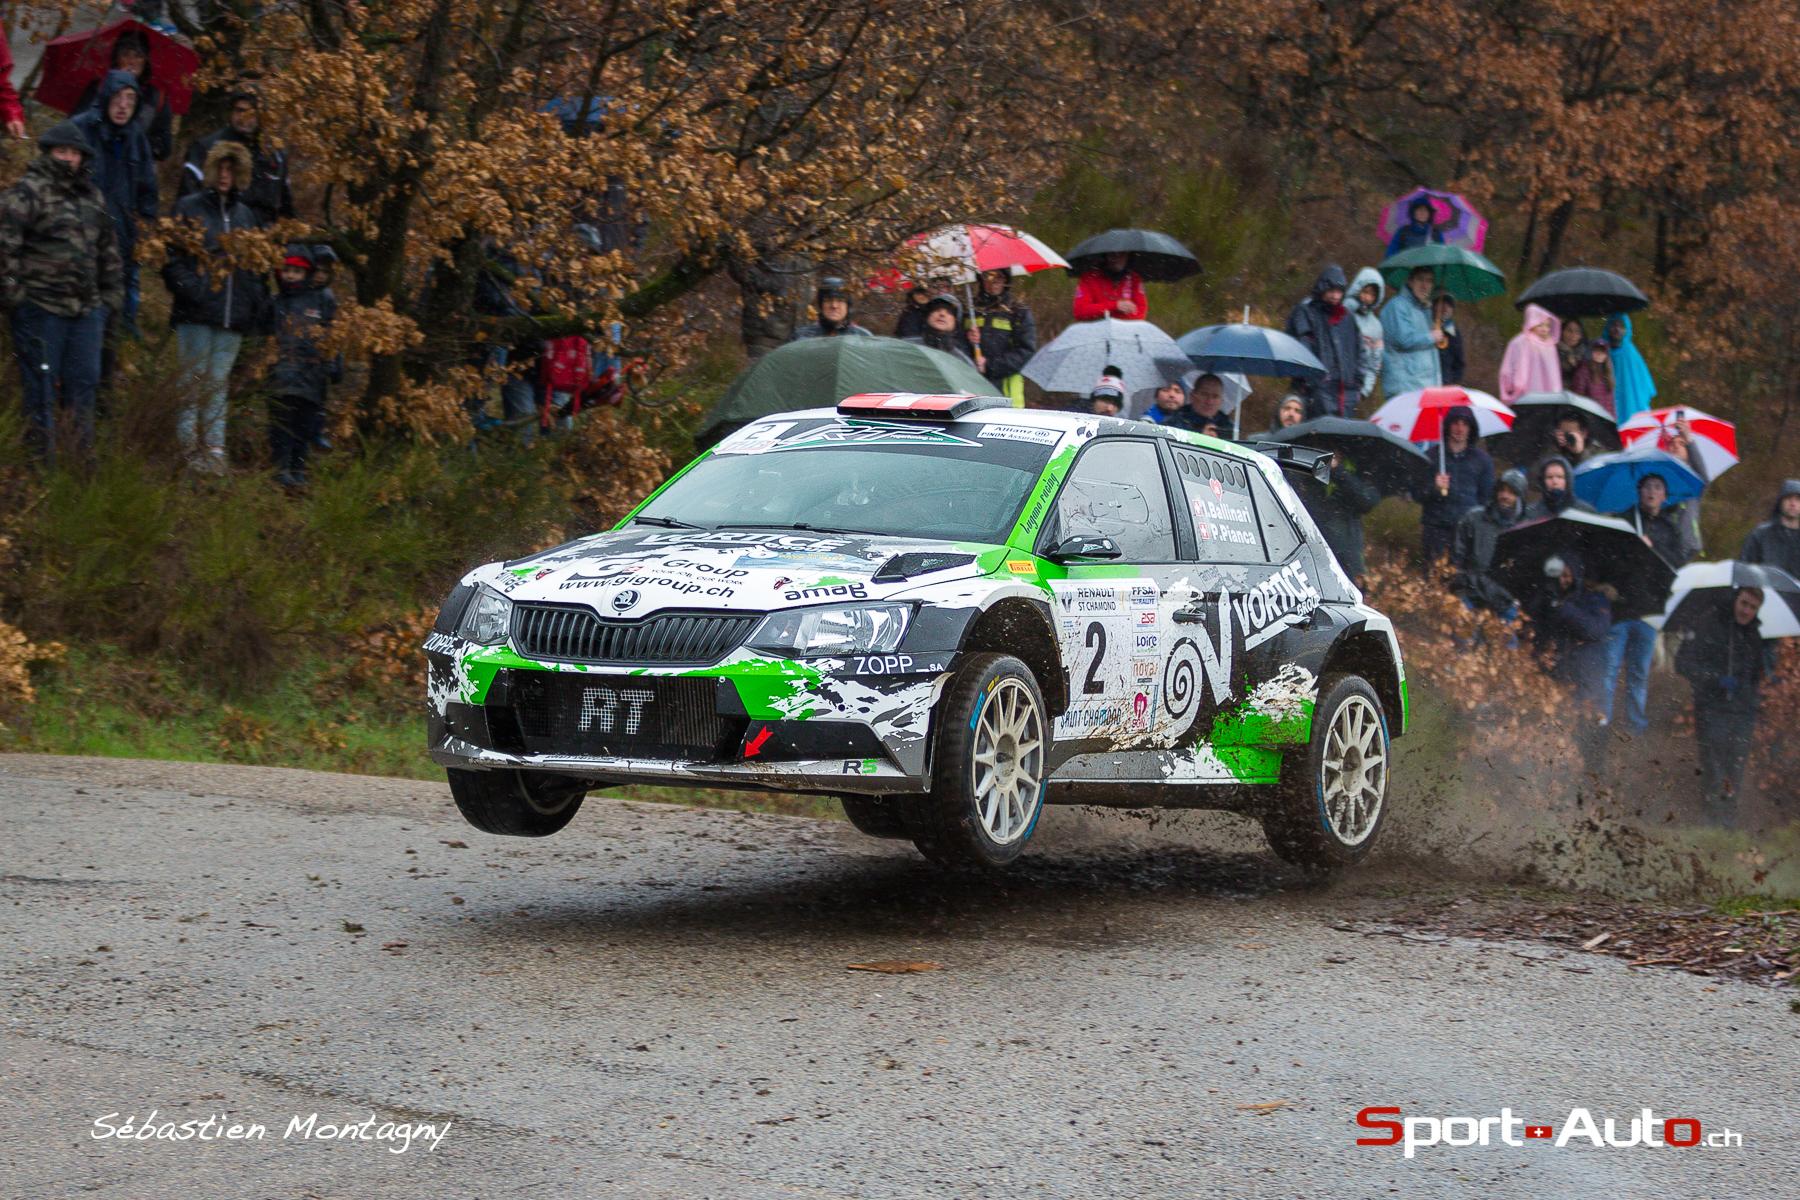 Championnat de Suisse des Rallyes 2019 : le calendrier dévoilé !